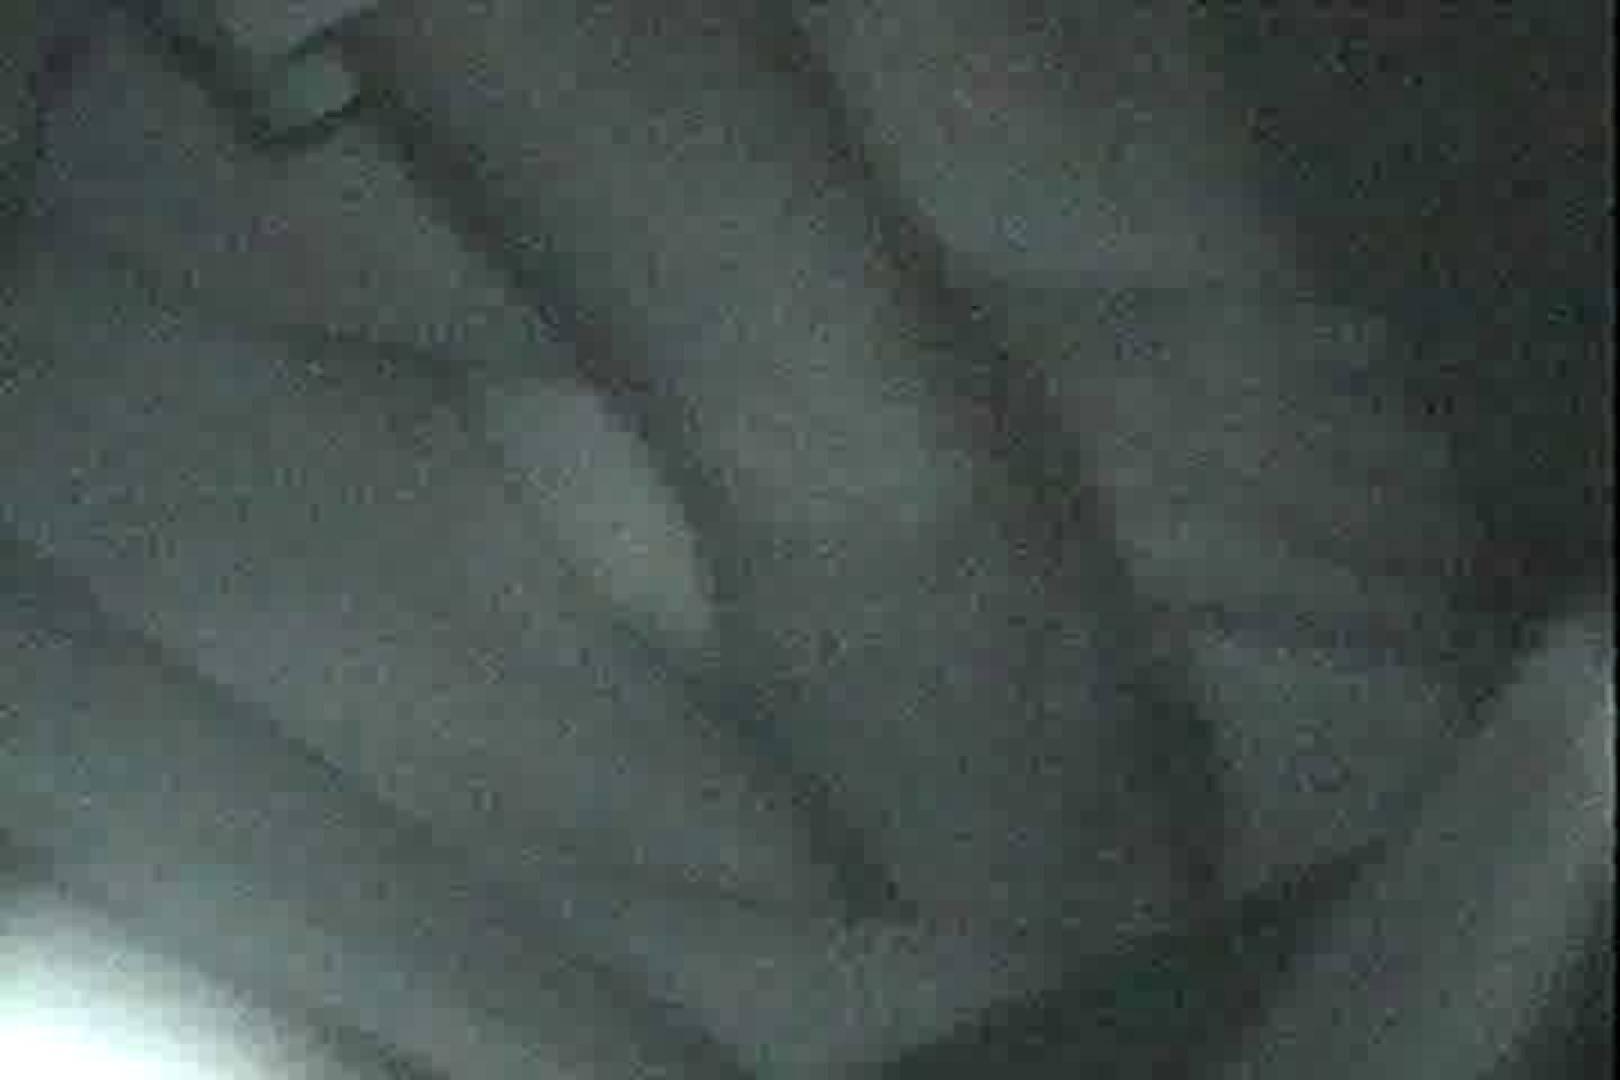 充血監督の深夜の運動会Vol.41 OLセックス 盗撮ヌード画像 79画像 7